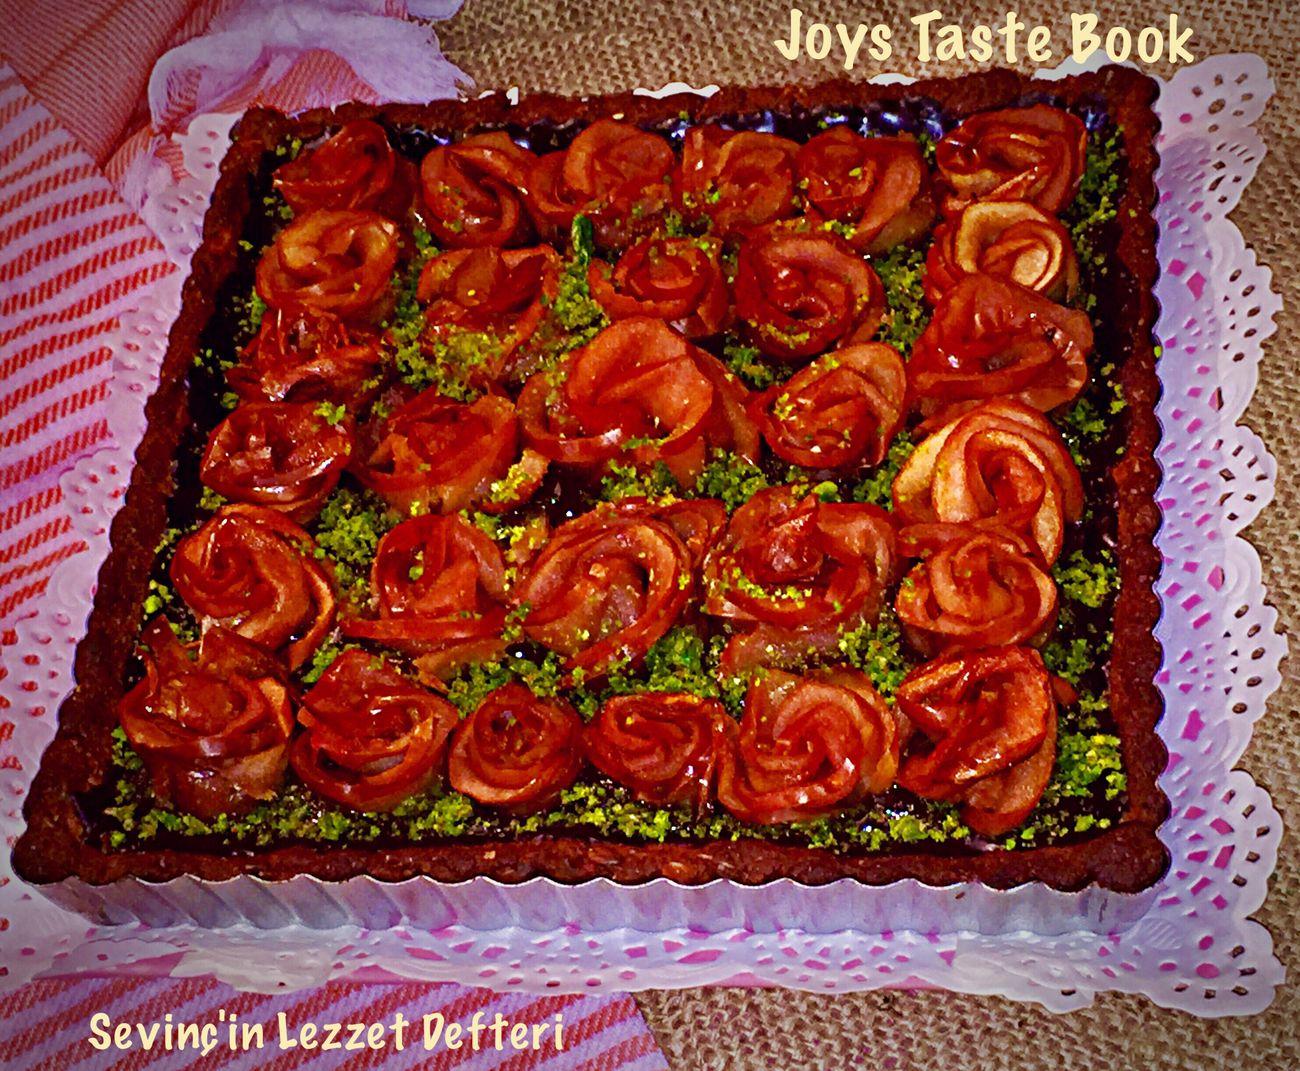 ❤️ Güllü Tart 🌹 harika oldu 😋👌🏿🔝😋👍🏿 Food Food And Drink çikolata Tart Rosé Red Chocolate Delicious Yummy Foodphotography Istanbul Turkey SevinçinLezzetDefteri JoysTasteBook Lezzet Küpü Dessert çikolatalı Like4like Sweet Food Foodblog EyeEm Best Shots Enfes EyeEm Gallery SevinçYiğitArabacı Lezzet